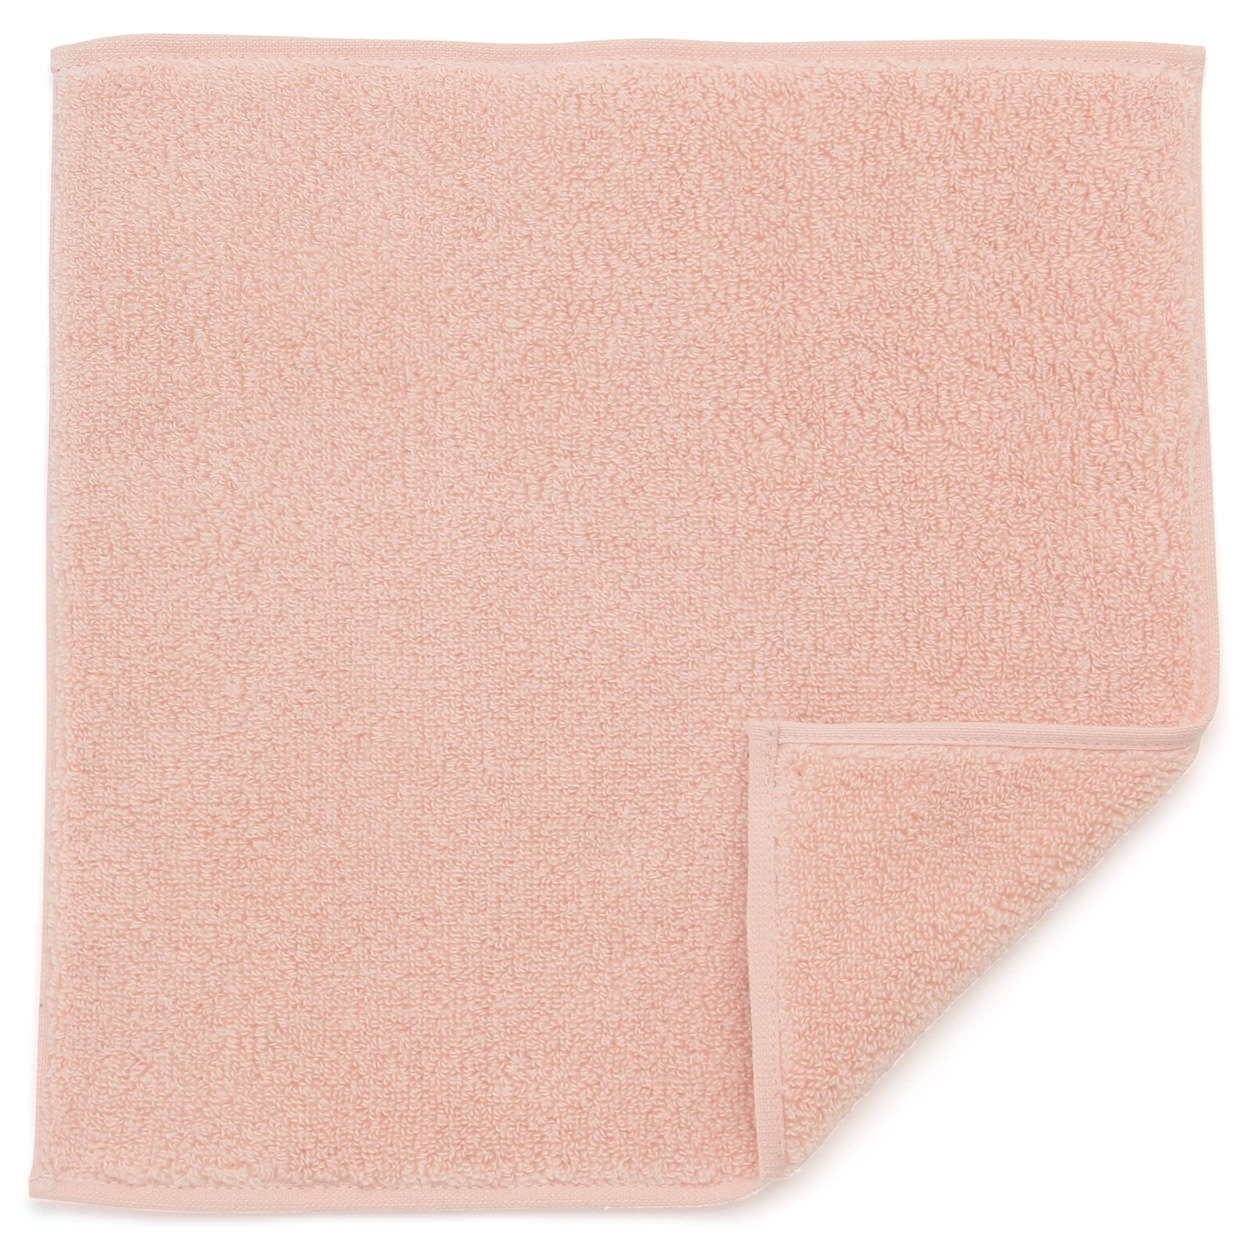 オーガニックコットンやわらかタオルハンカチ ピンク